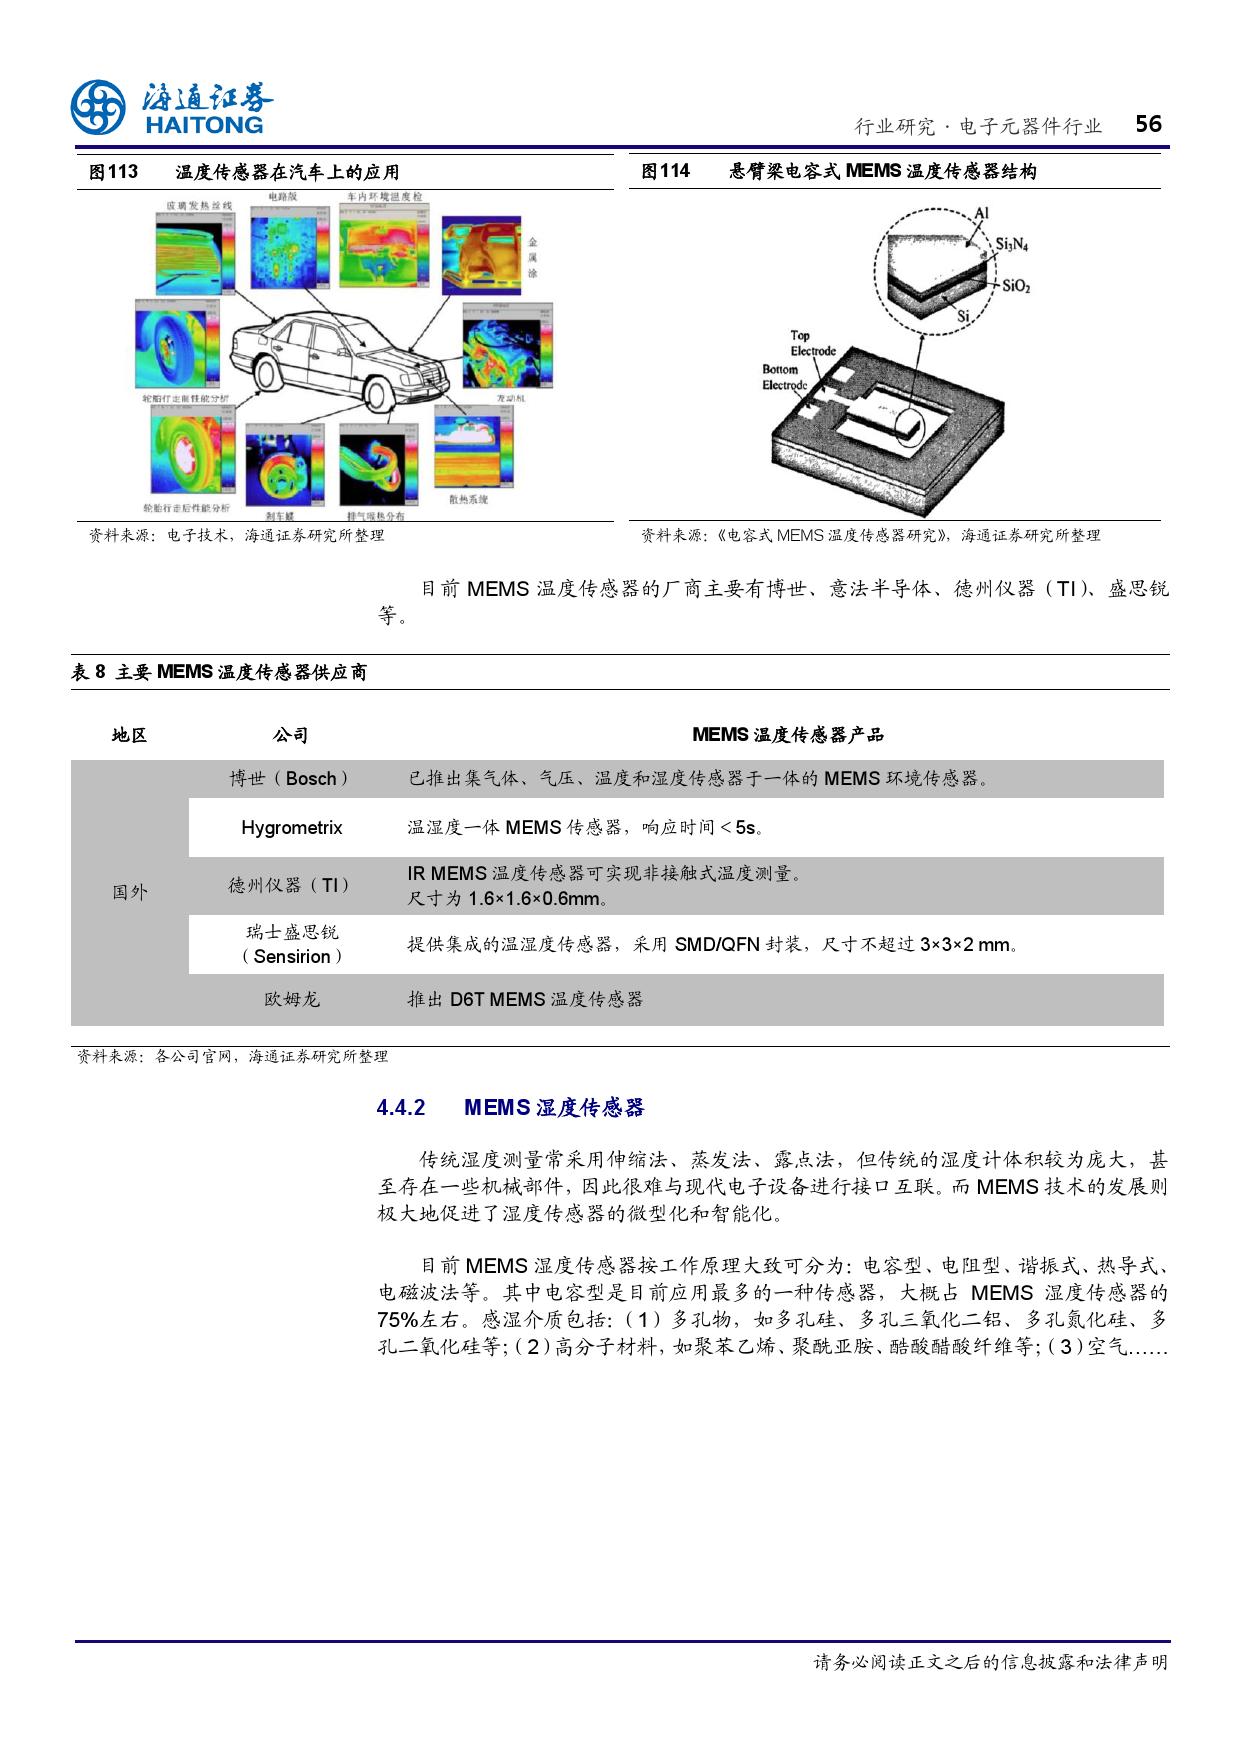 报告全解传感器全球产业链_000056